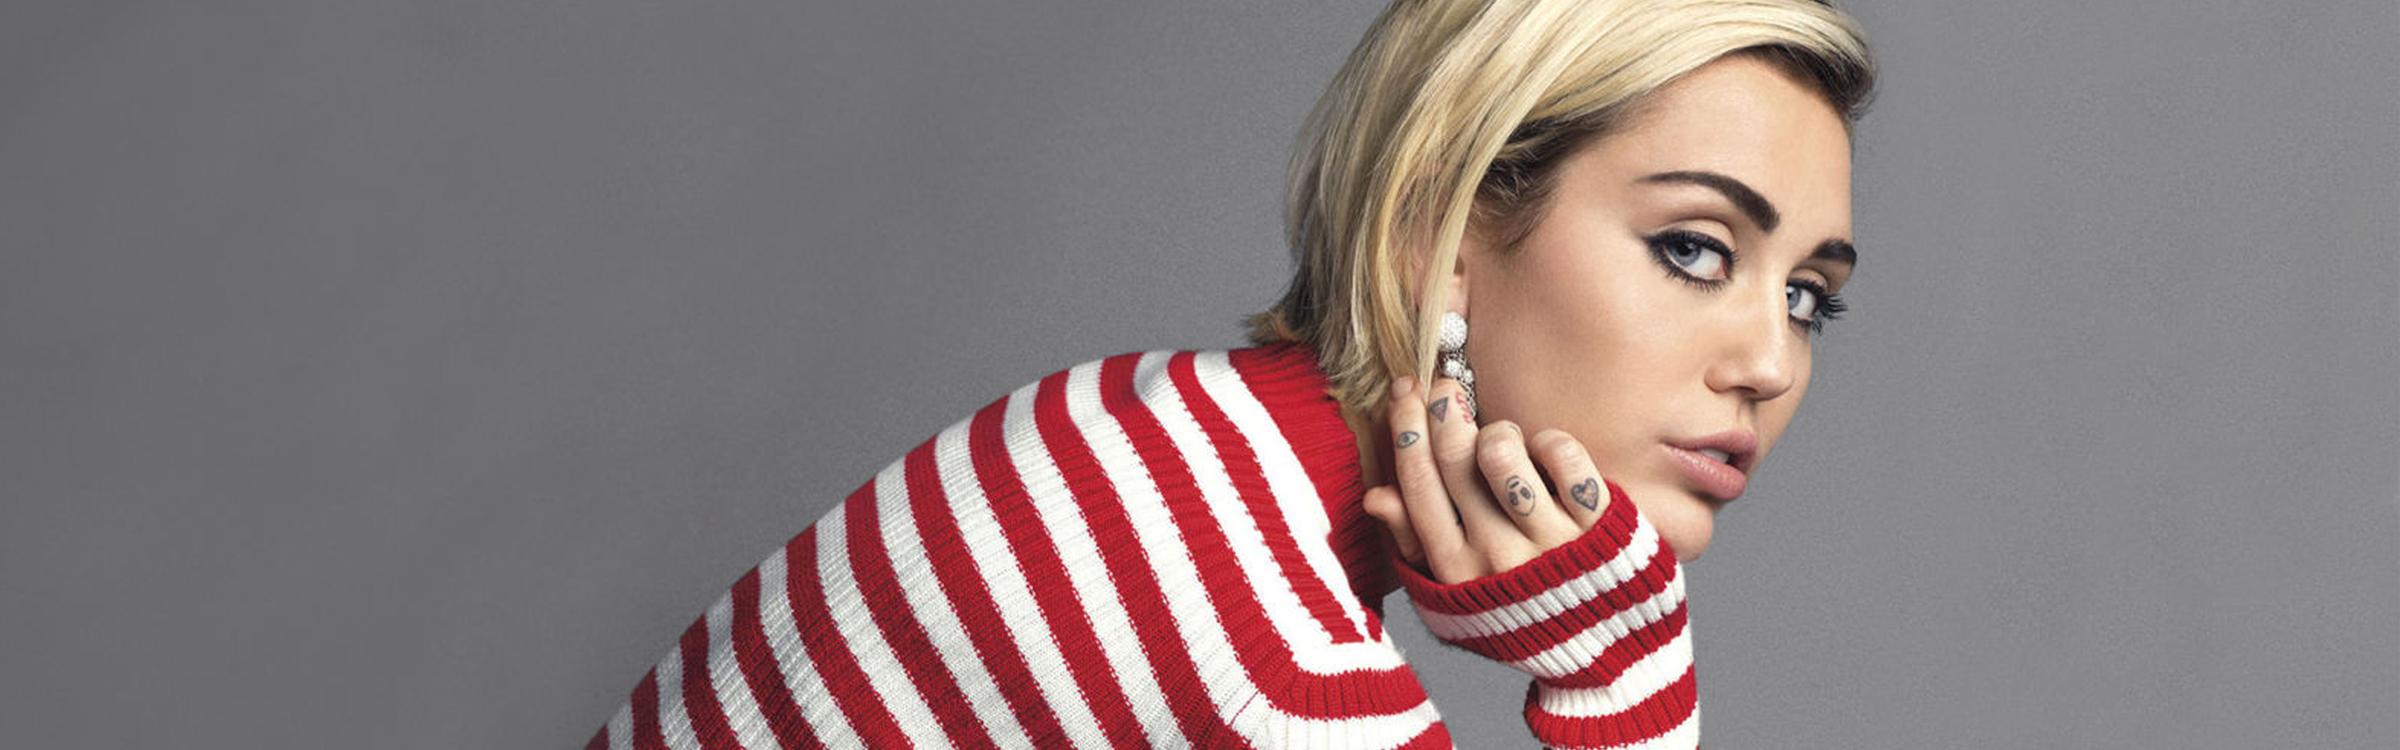 Miley meisje header